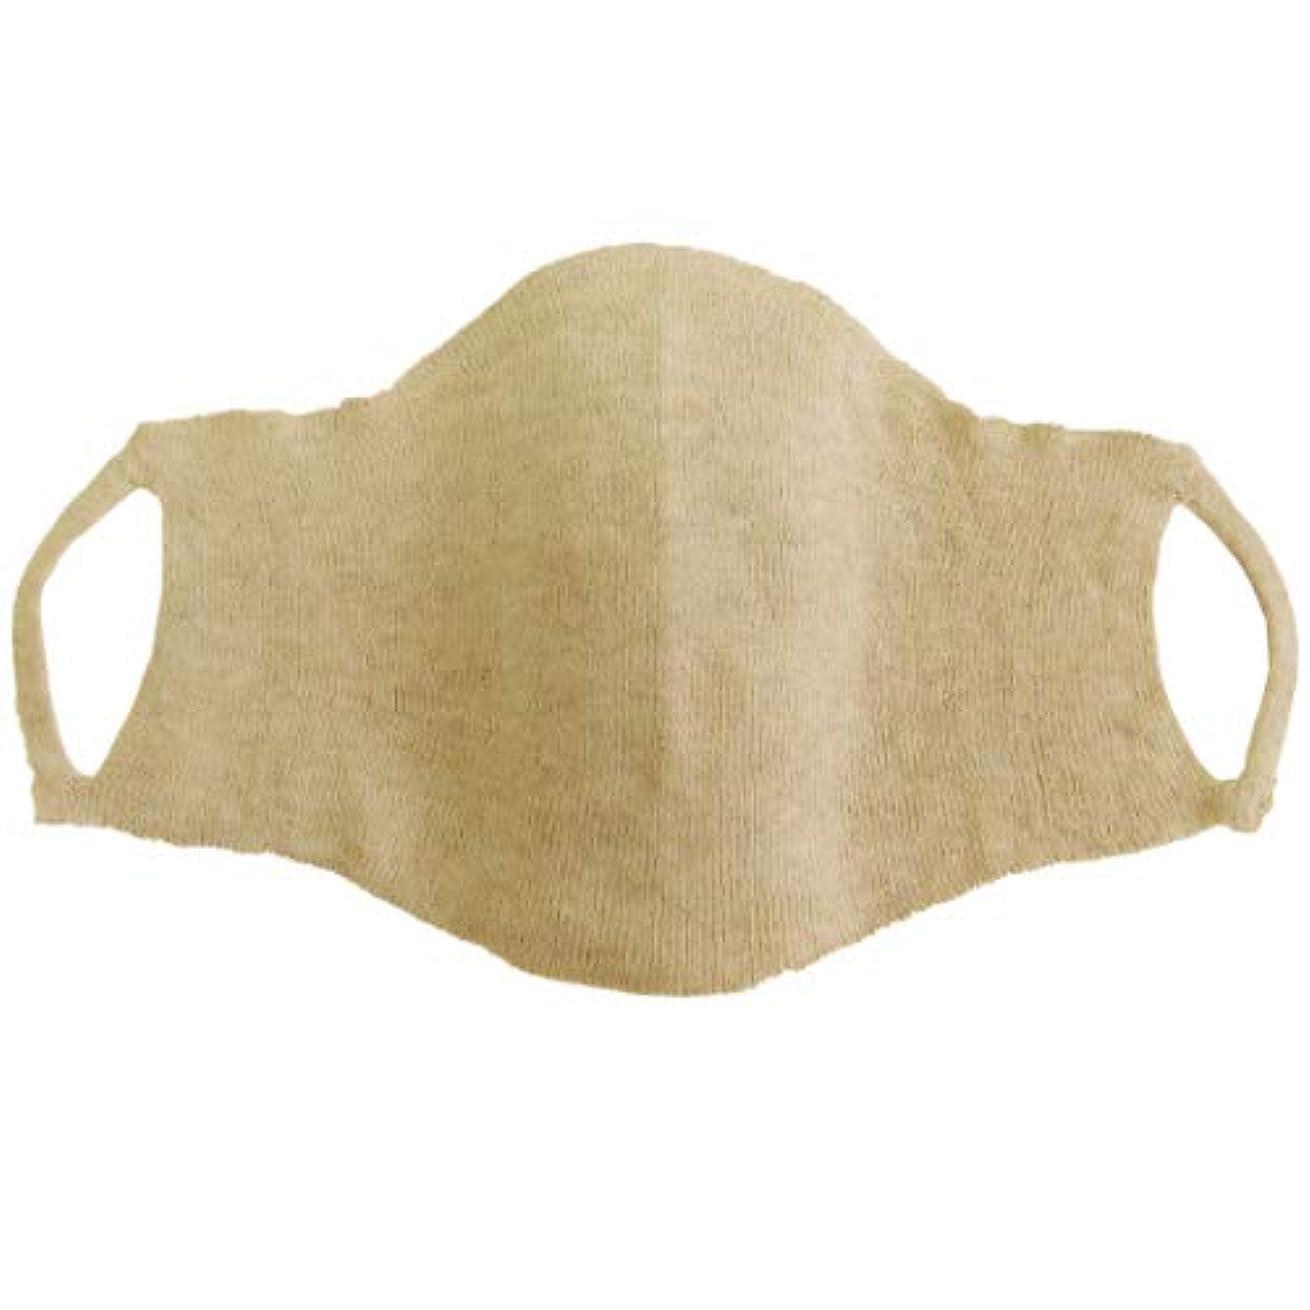 マルクス主義者途方もない危険【オーガニックコットン100%】無縫製 保湿 綿100% おやすみマスク ホールガーメント® 日本製 工場直販 セット販売(10枚組) 4046《7241》